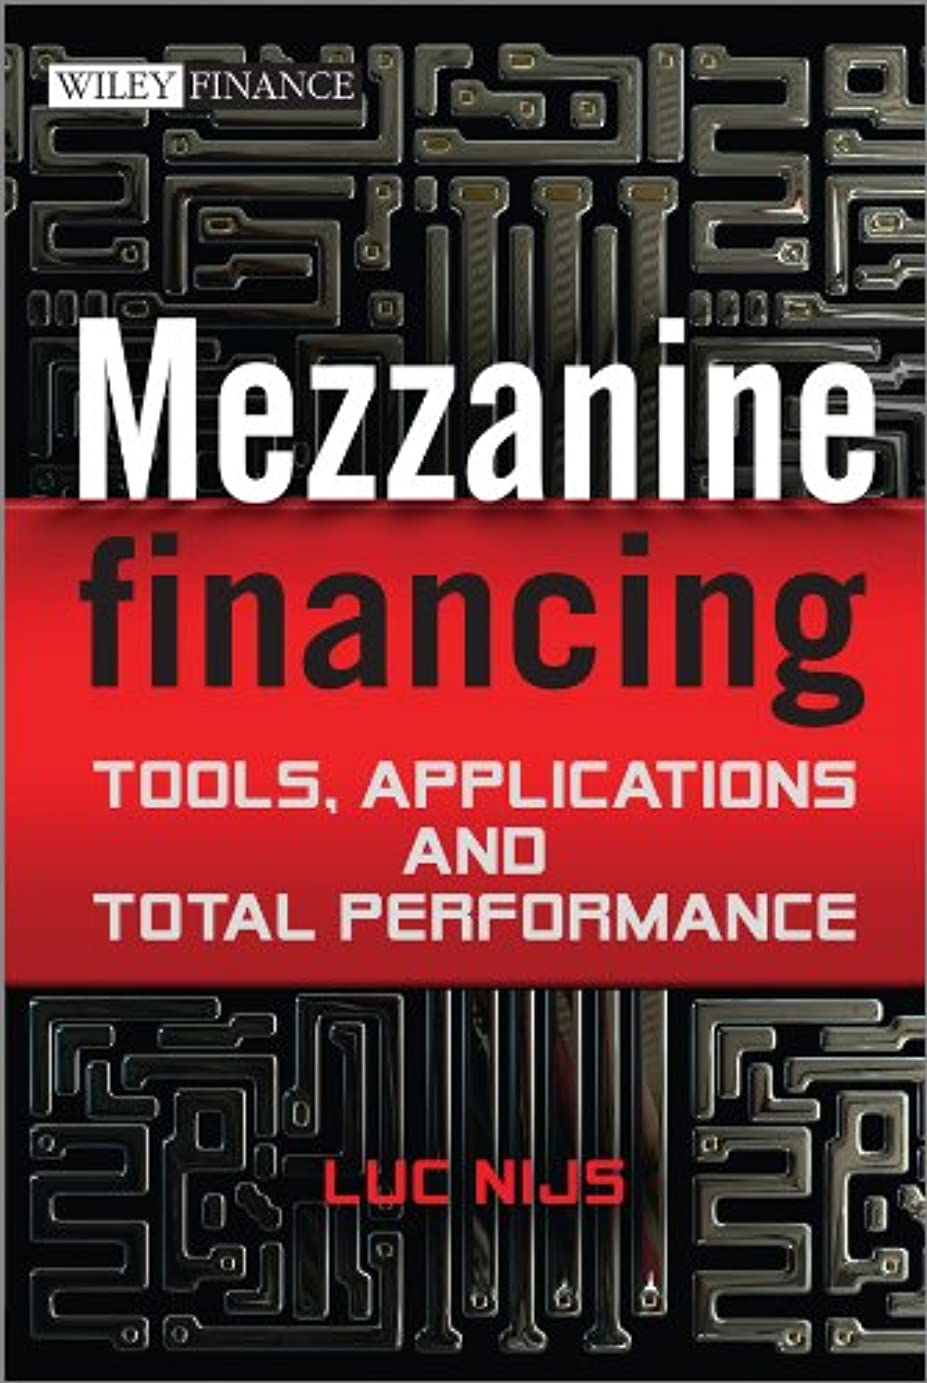 ネーピア周囲解明Mezzanine Financing: Tools, Applications and Total Performance (The Wiley Finance Series) (English Edition)